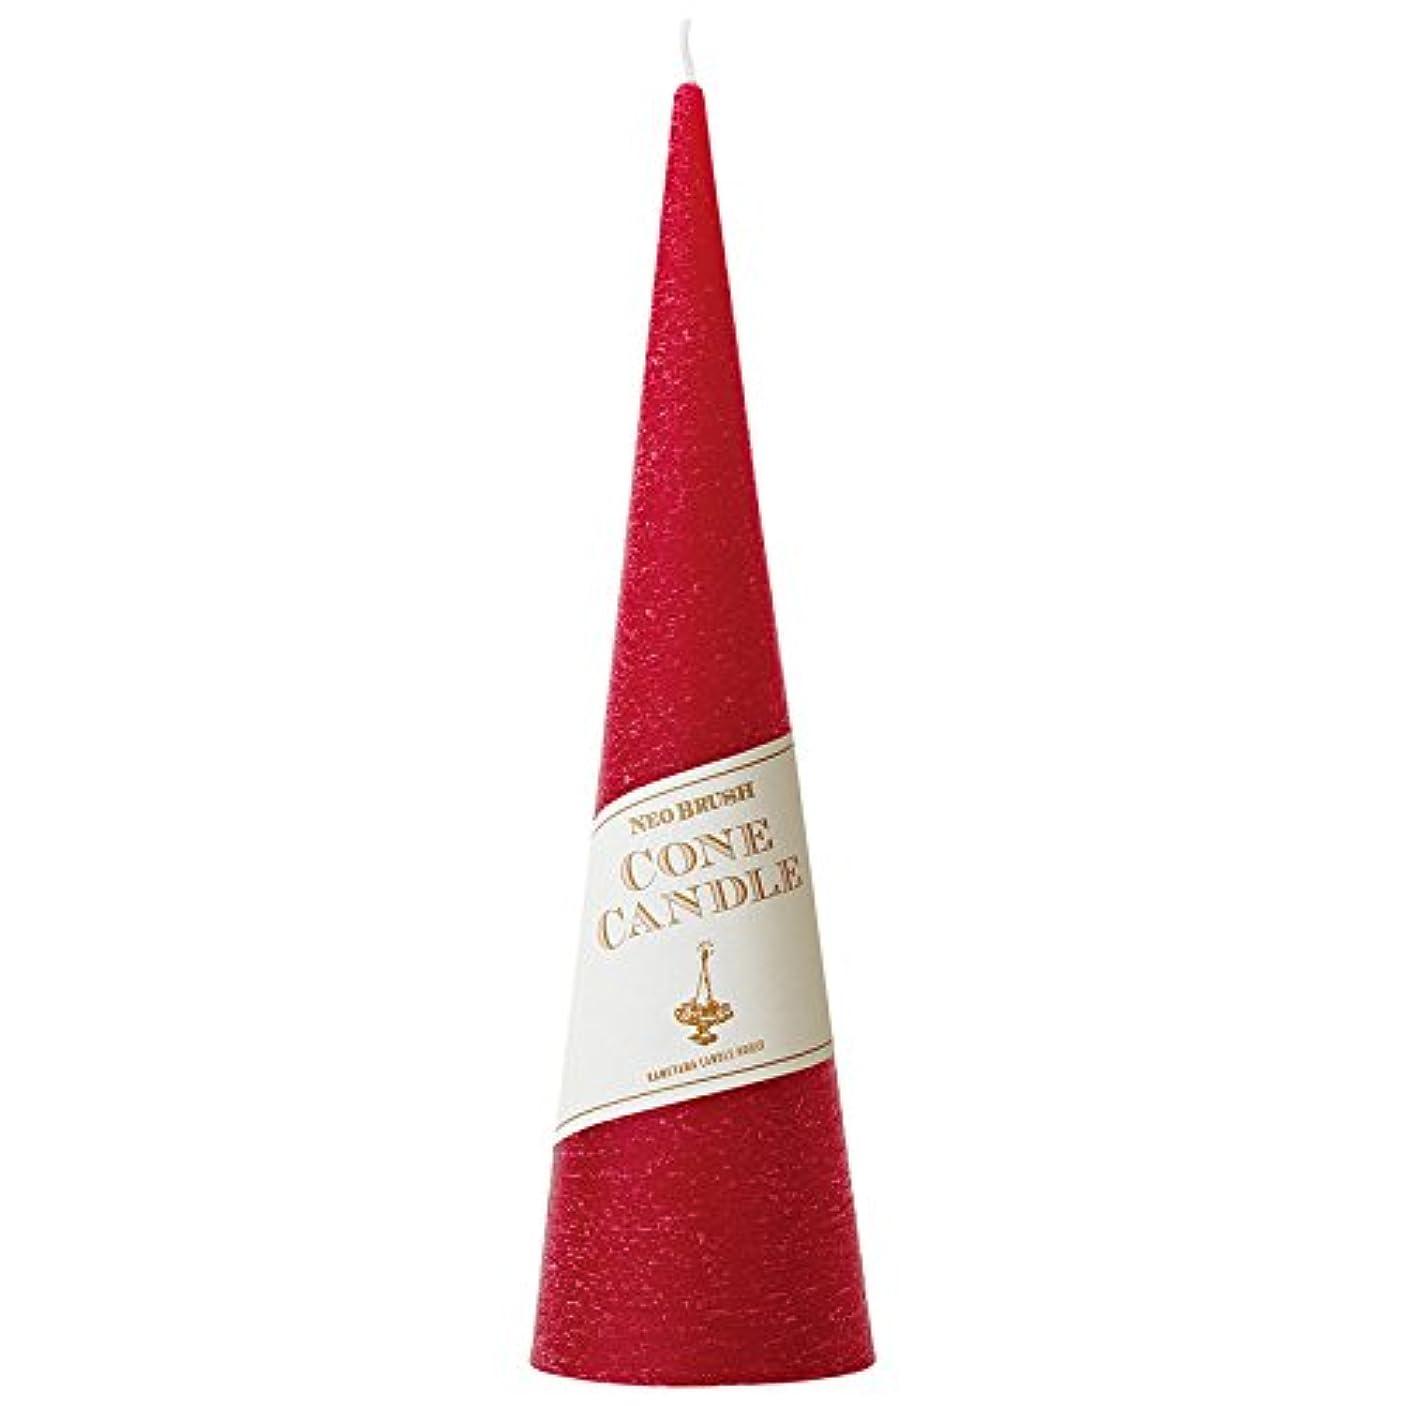 ネオブラッシュコーン 180 キャンドル 「 レッド 」 A9750010R